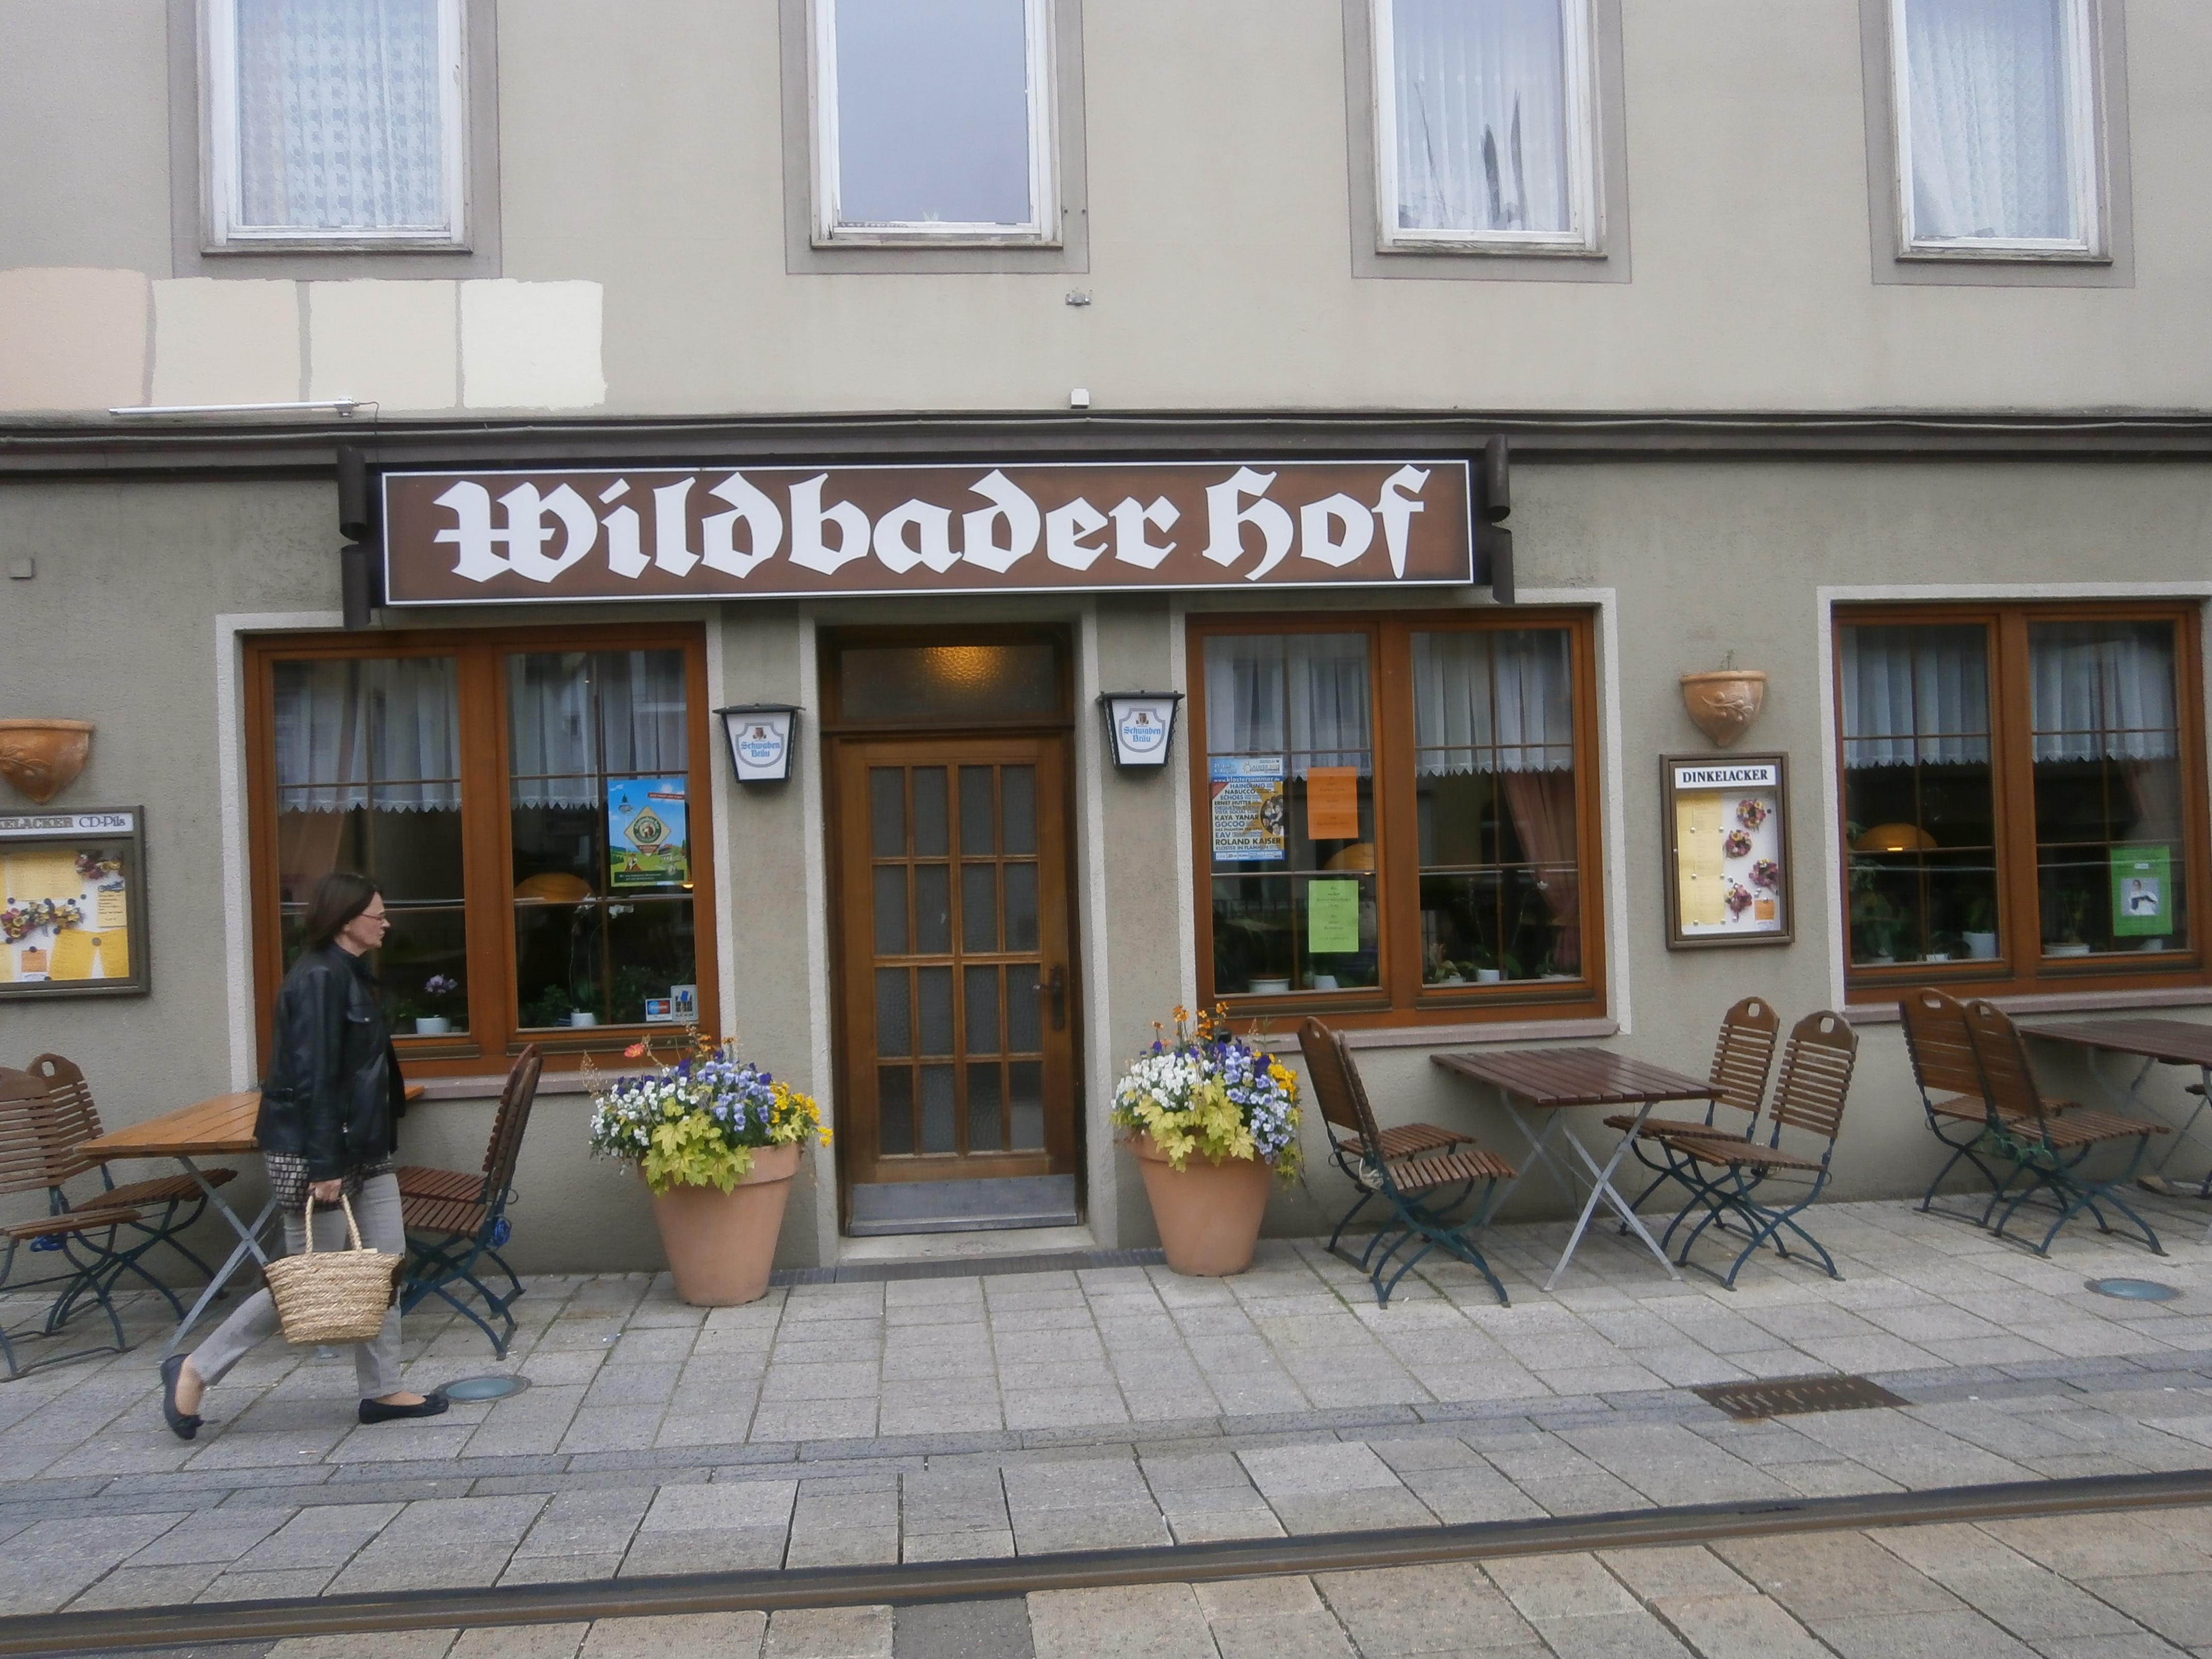 Wildbader Hof